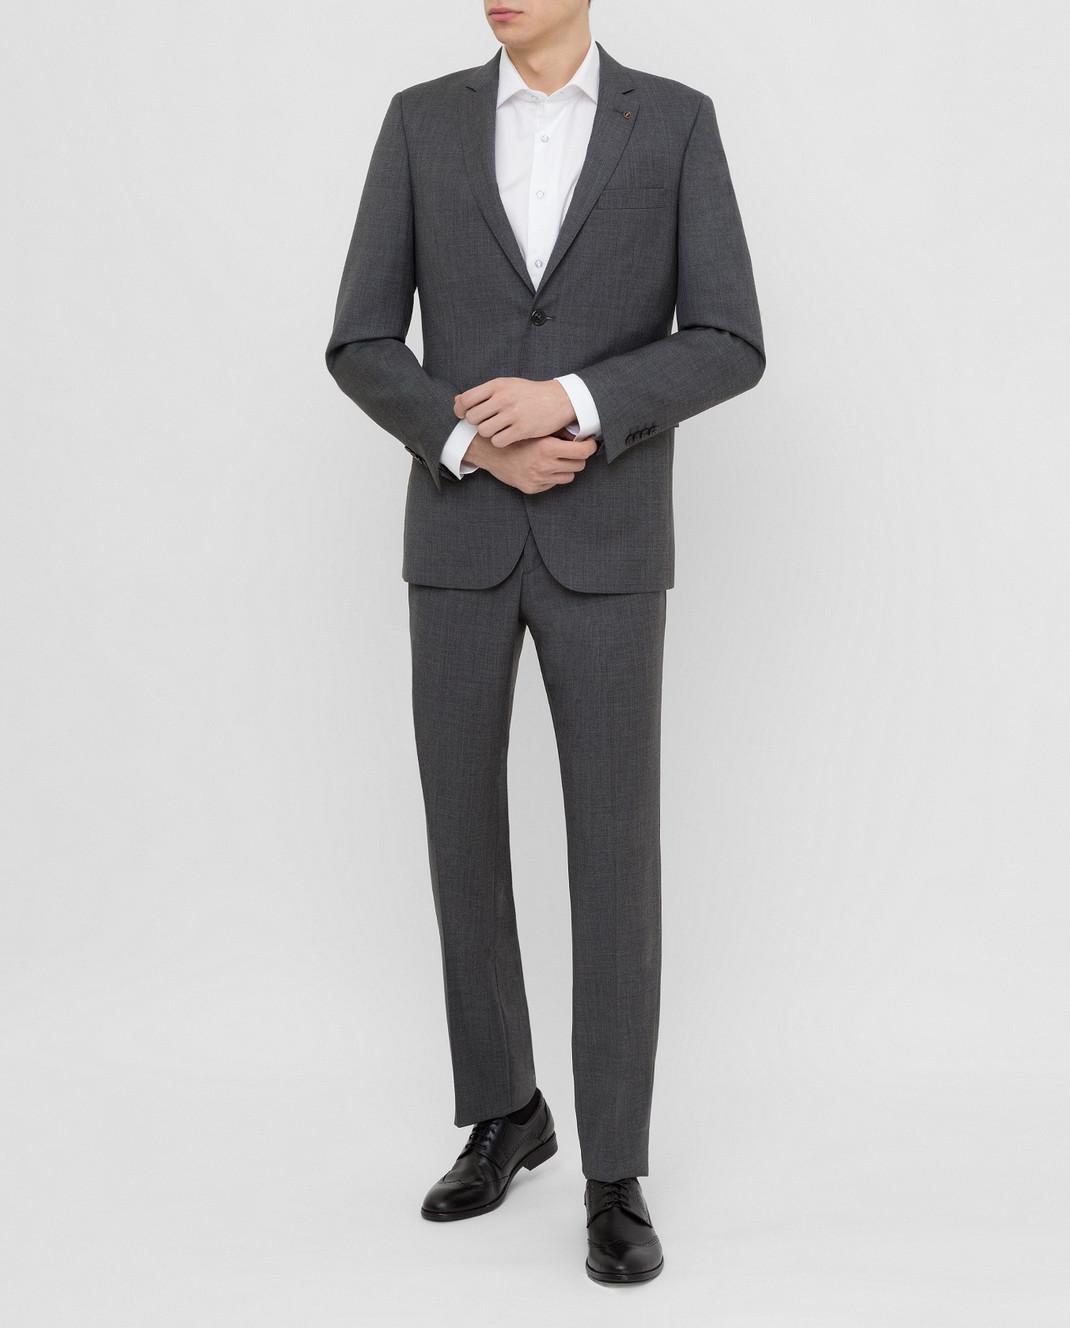 Florentino Темно-серый костюм из шерсти 219852960903 изображение 2